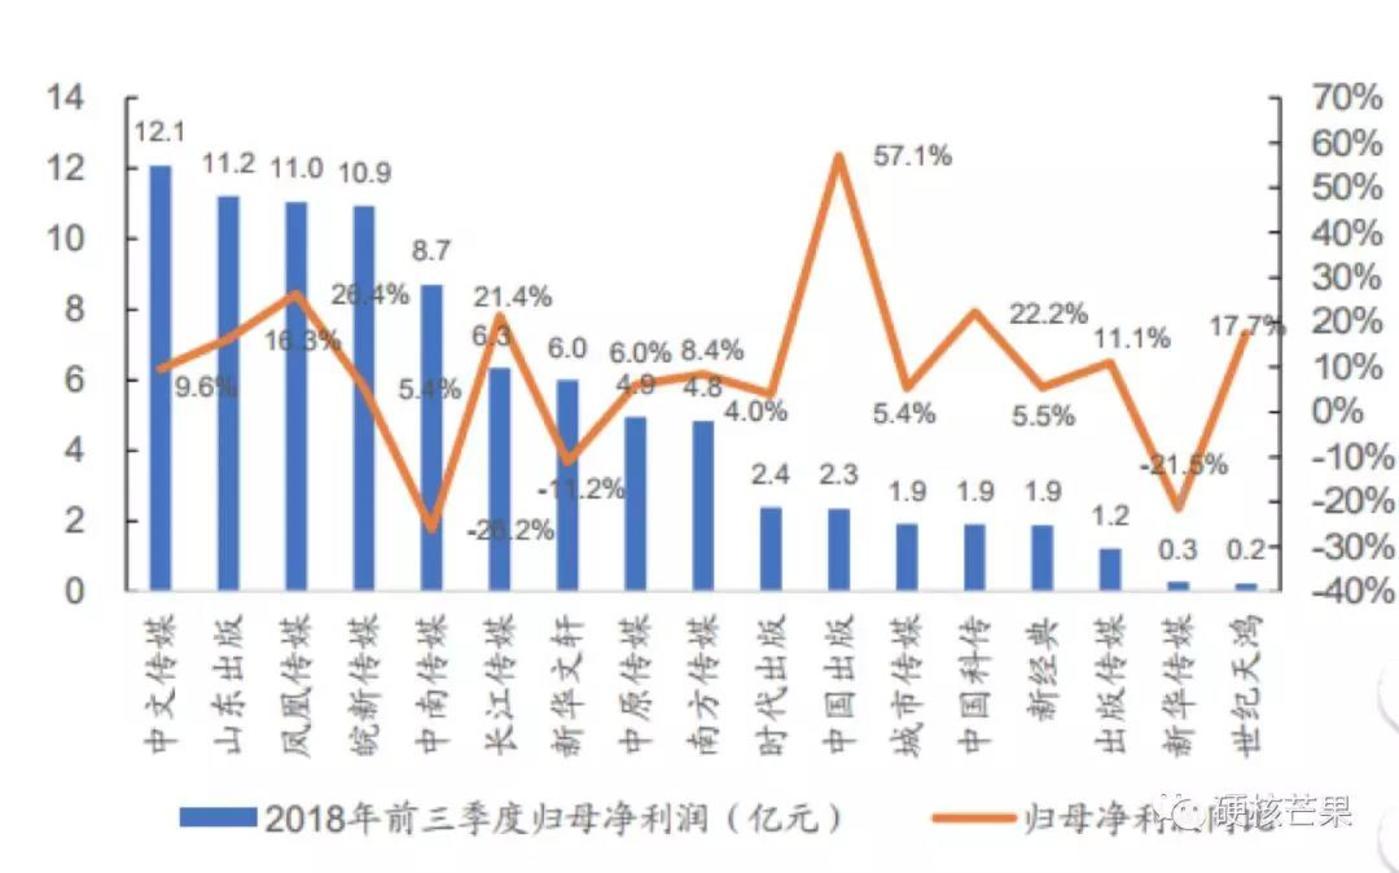 17家上市出版公司2018年前三季度净利润柱形图,数据来源于广发证券研报